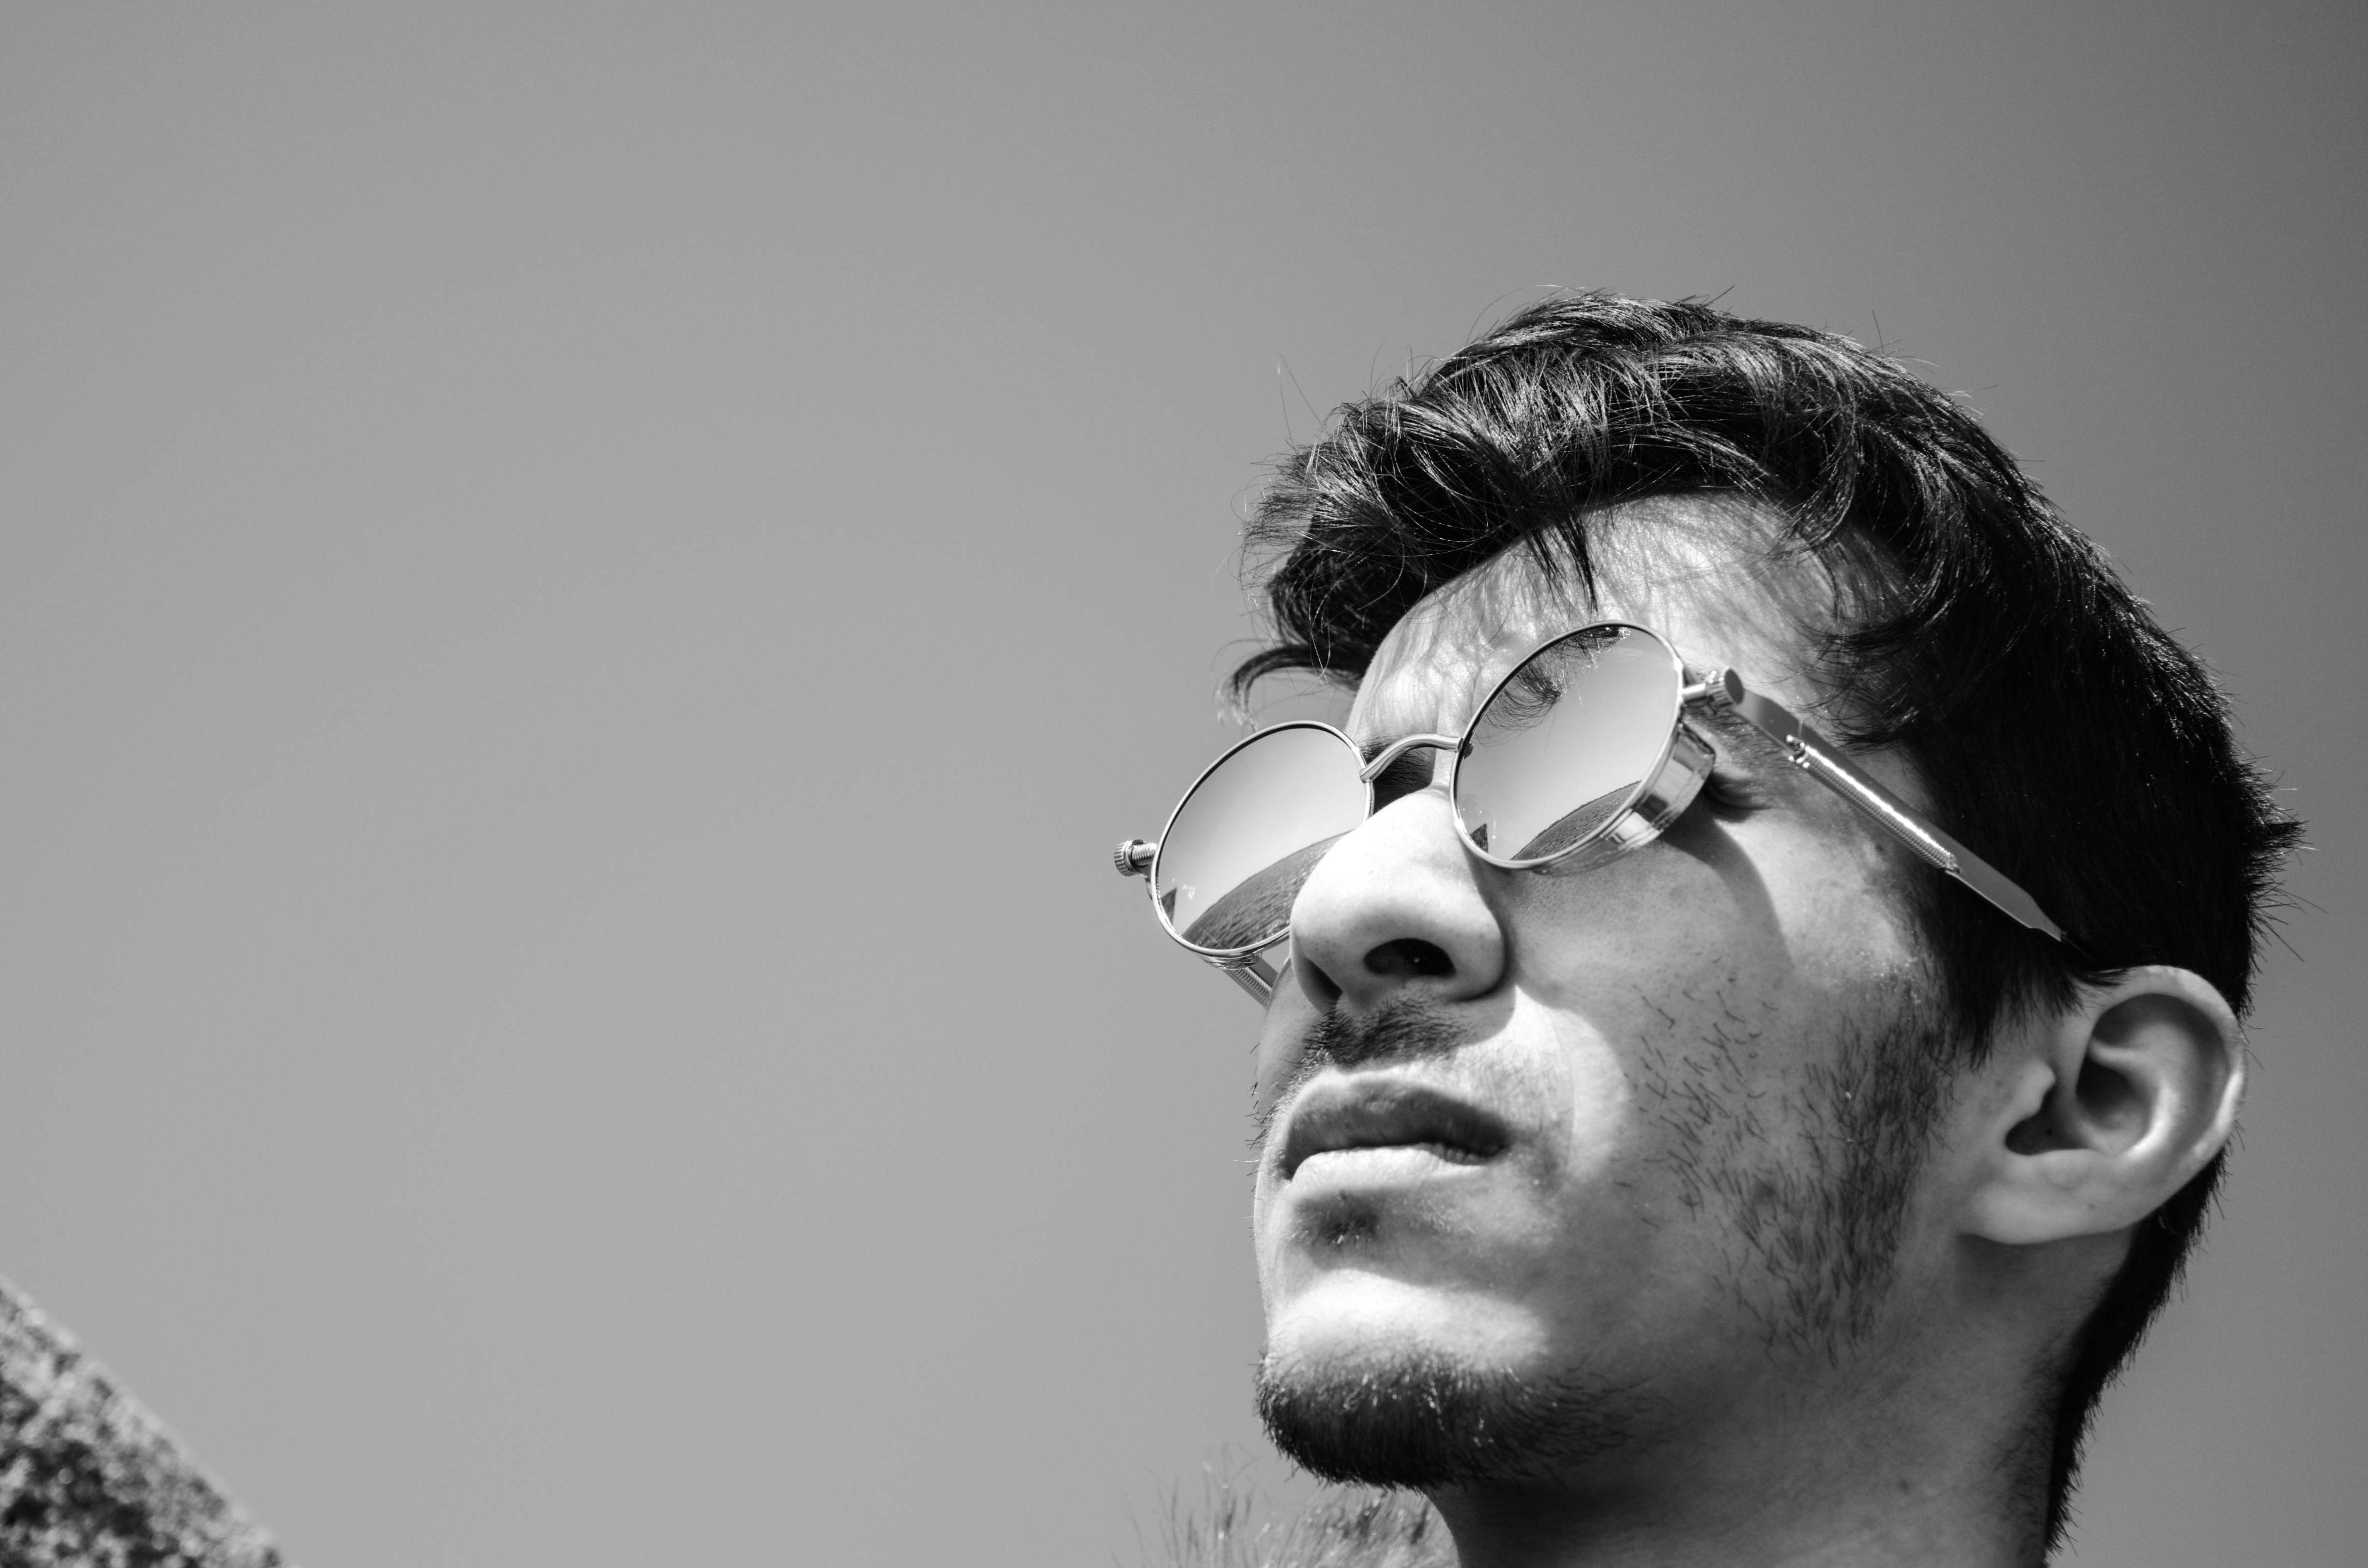 Foto Servizio Riflessione Uomo Fotografico Selfie Gratis rZURr